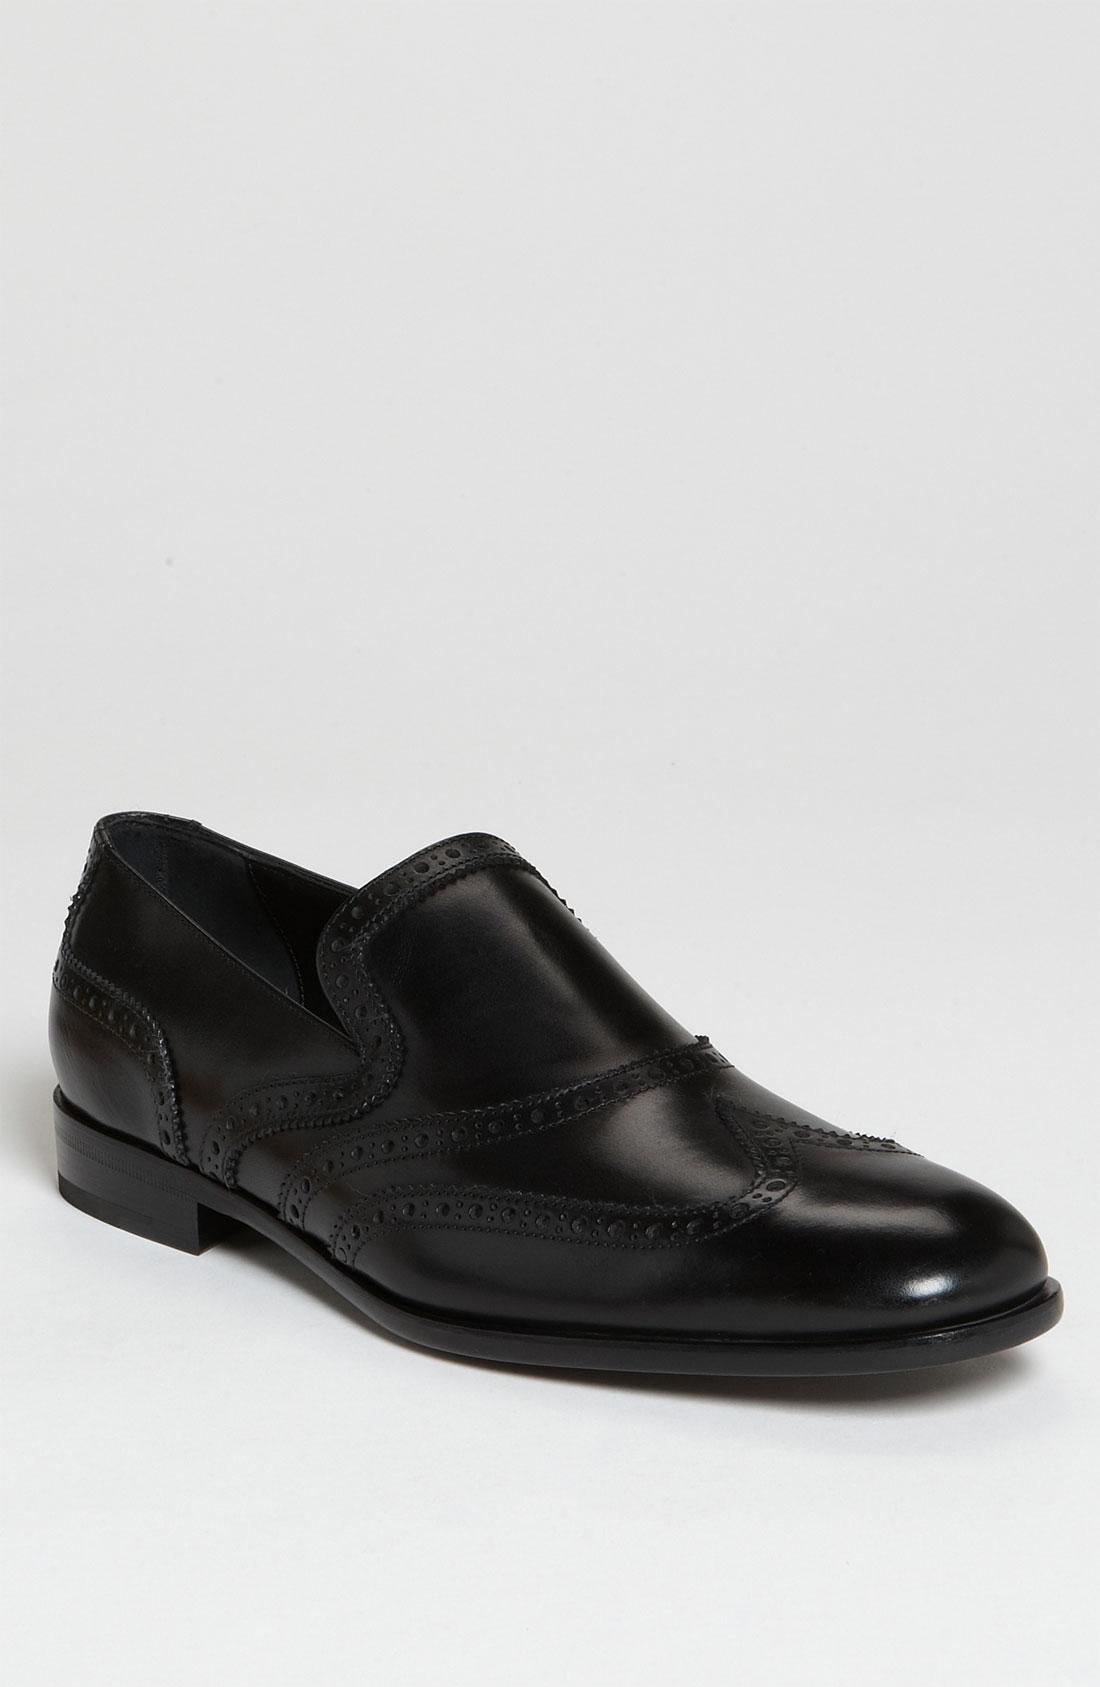 Nordstrom Shoes Mens Sale Ferragamo